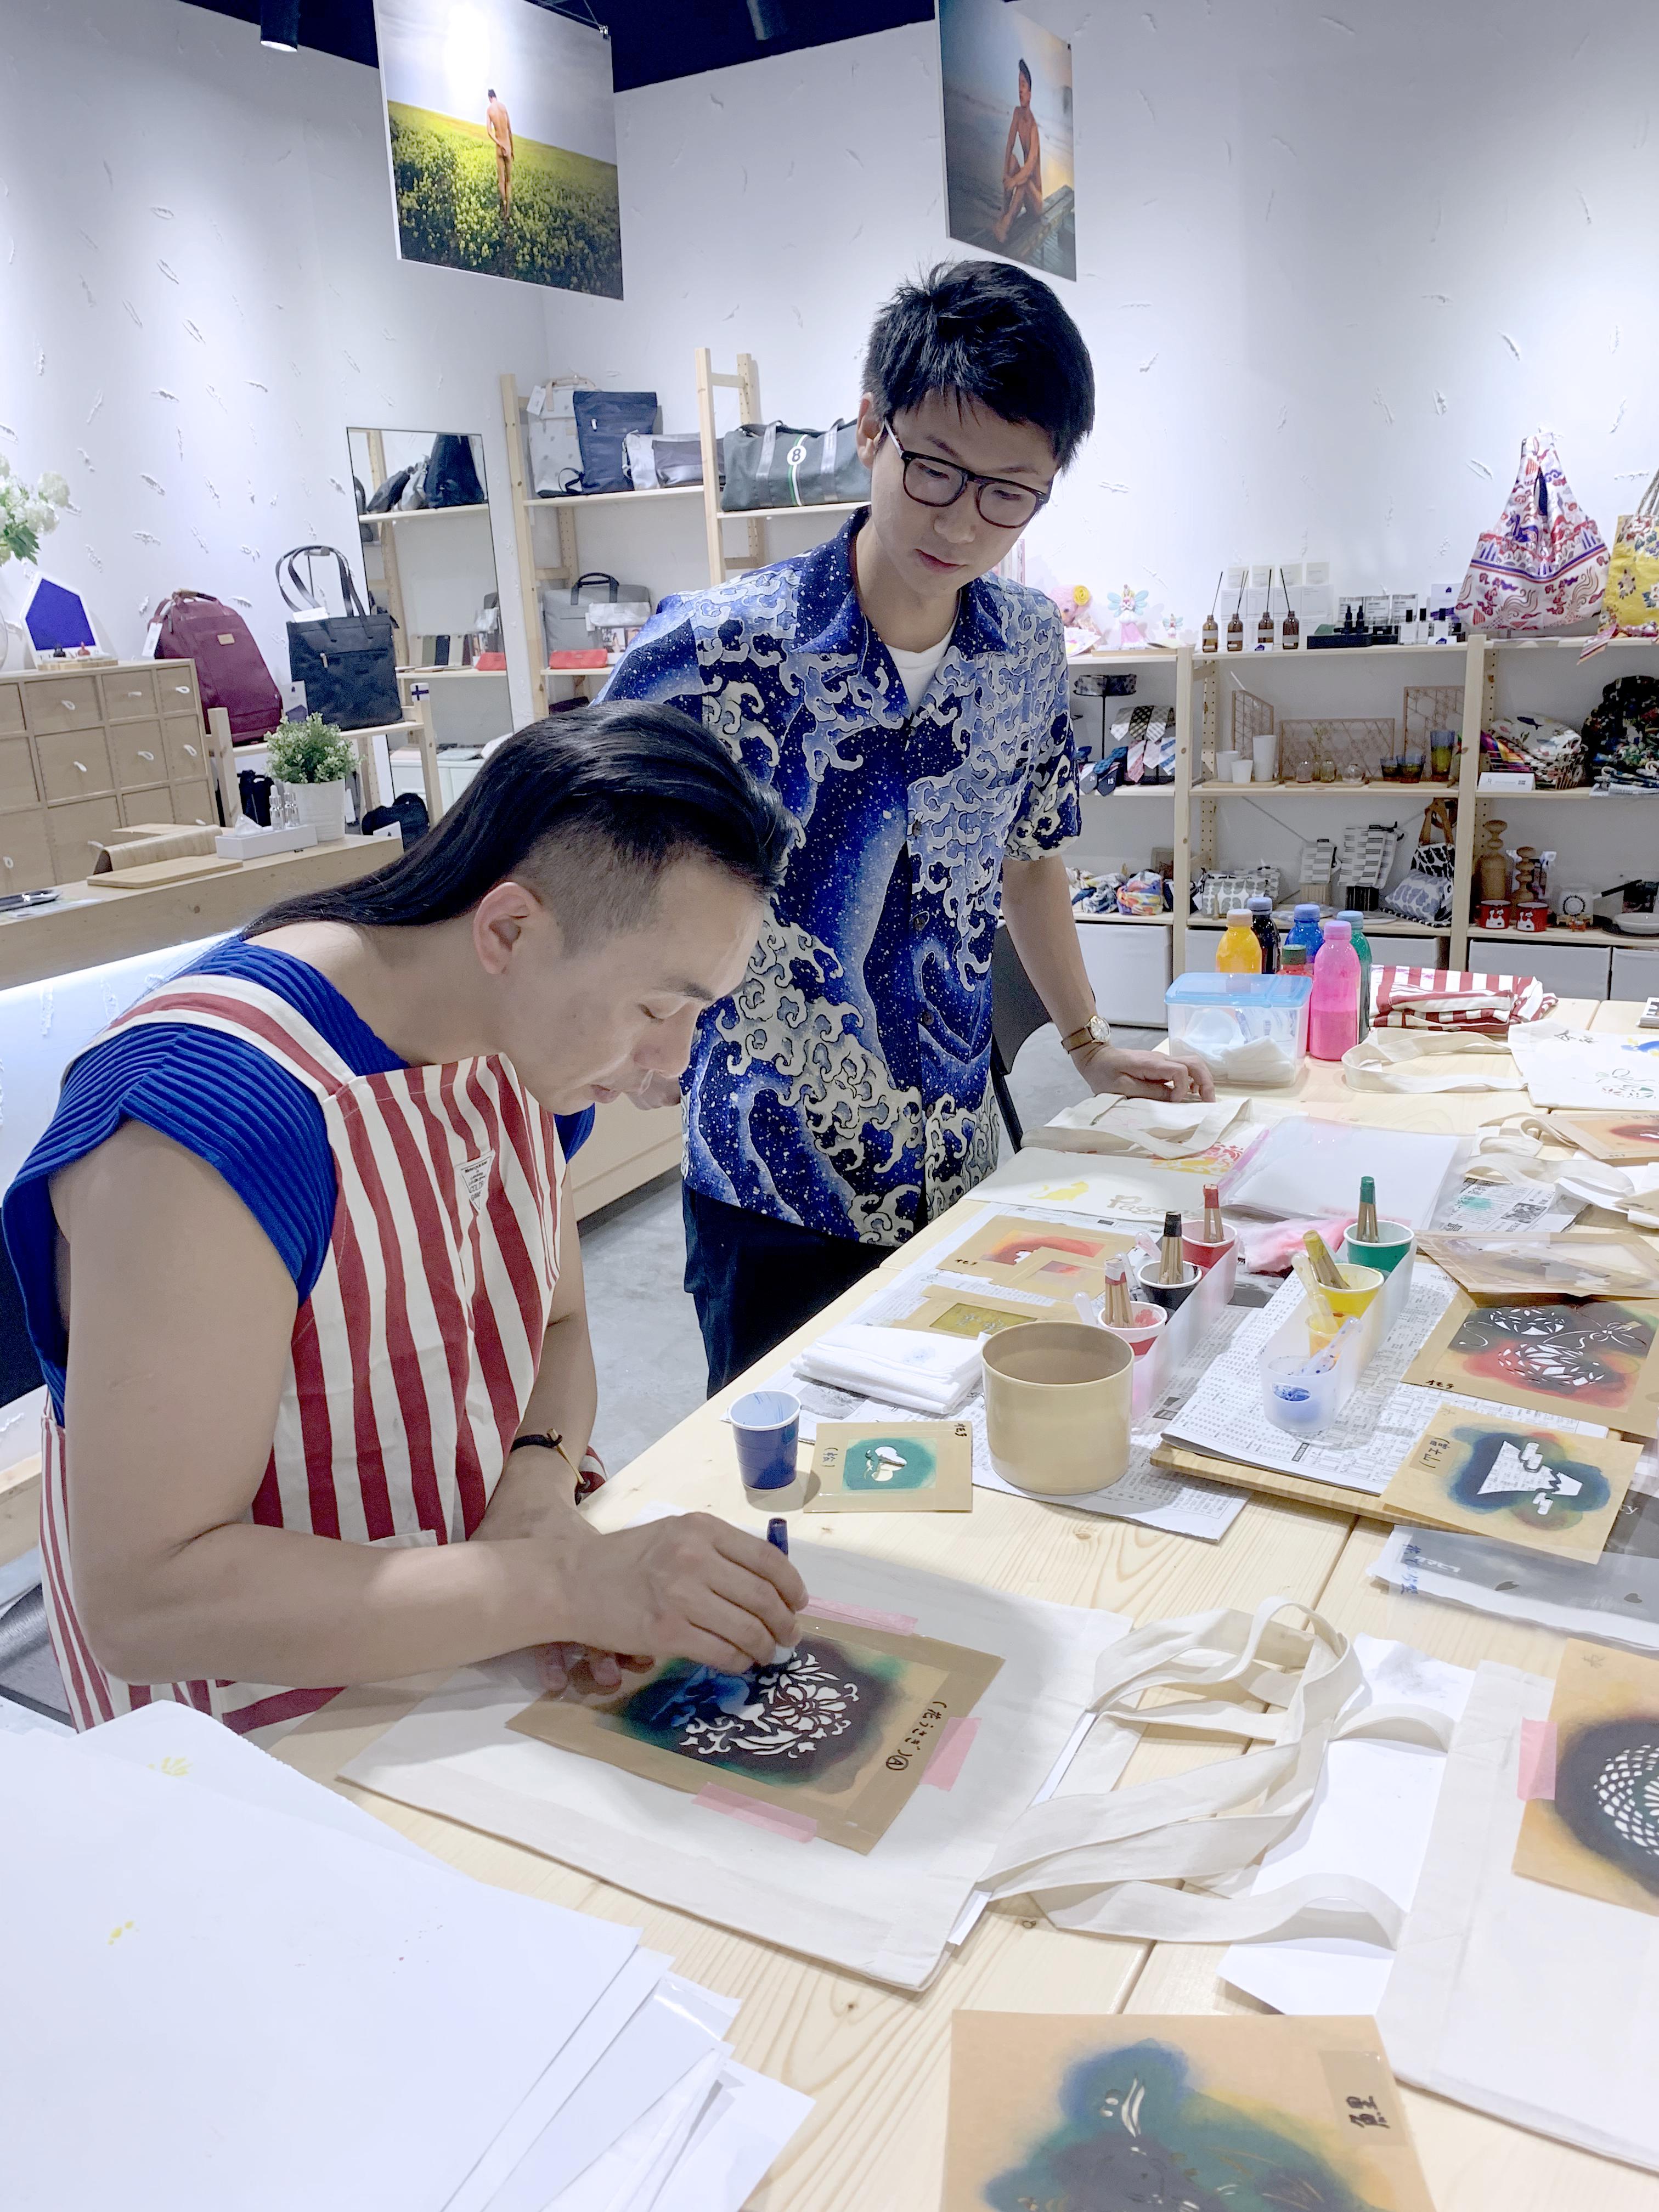 Pgong_Workshop_Image 21